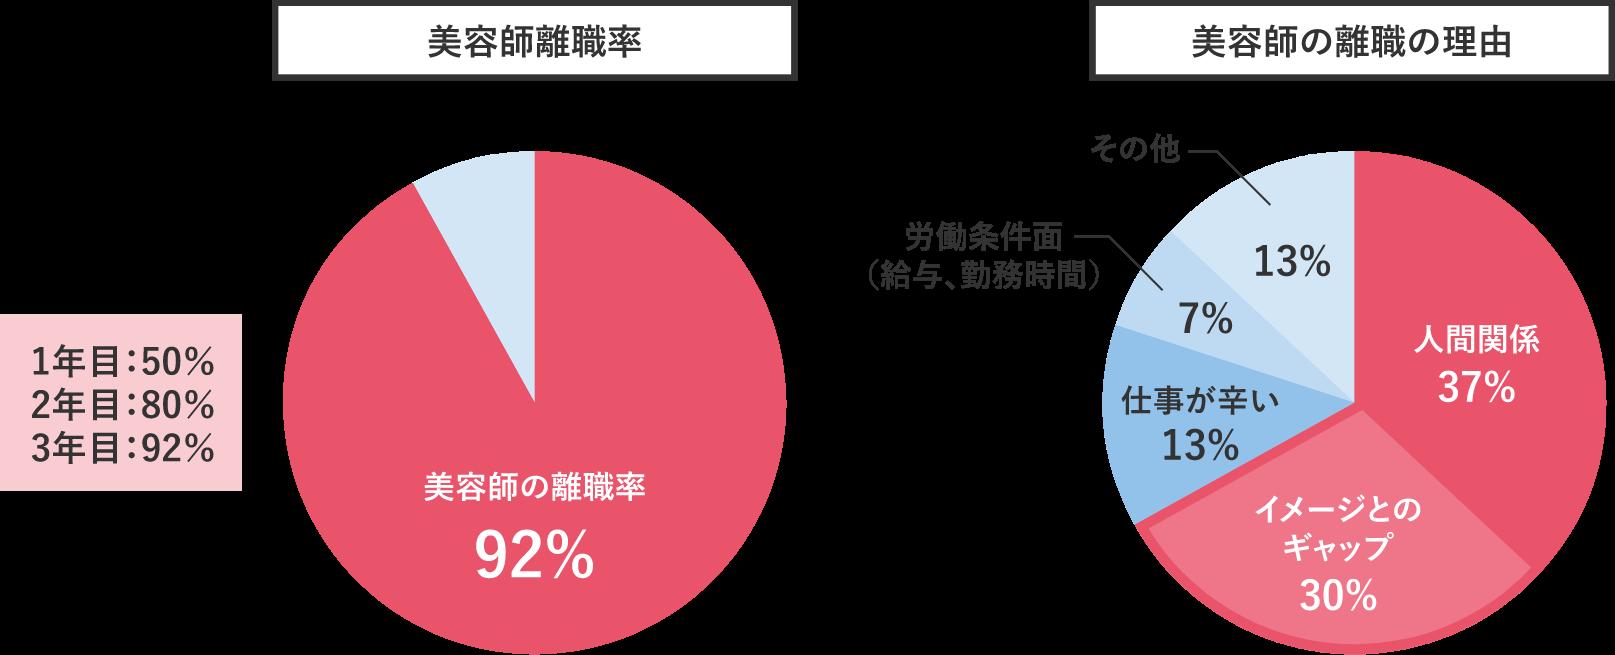 美容師離職率 美容師の離職率92% 1年目:50% 2年目:80% 3年目:92%美容師の離職の理由 人間関係37% イメージとのギャップ30% 仕事が辛い13% 労働条件面(給与、勤務時間)7% その他13%